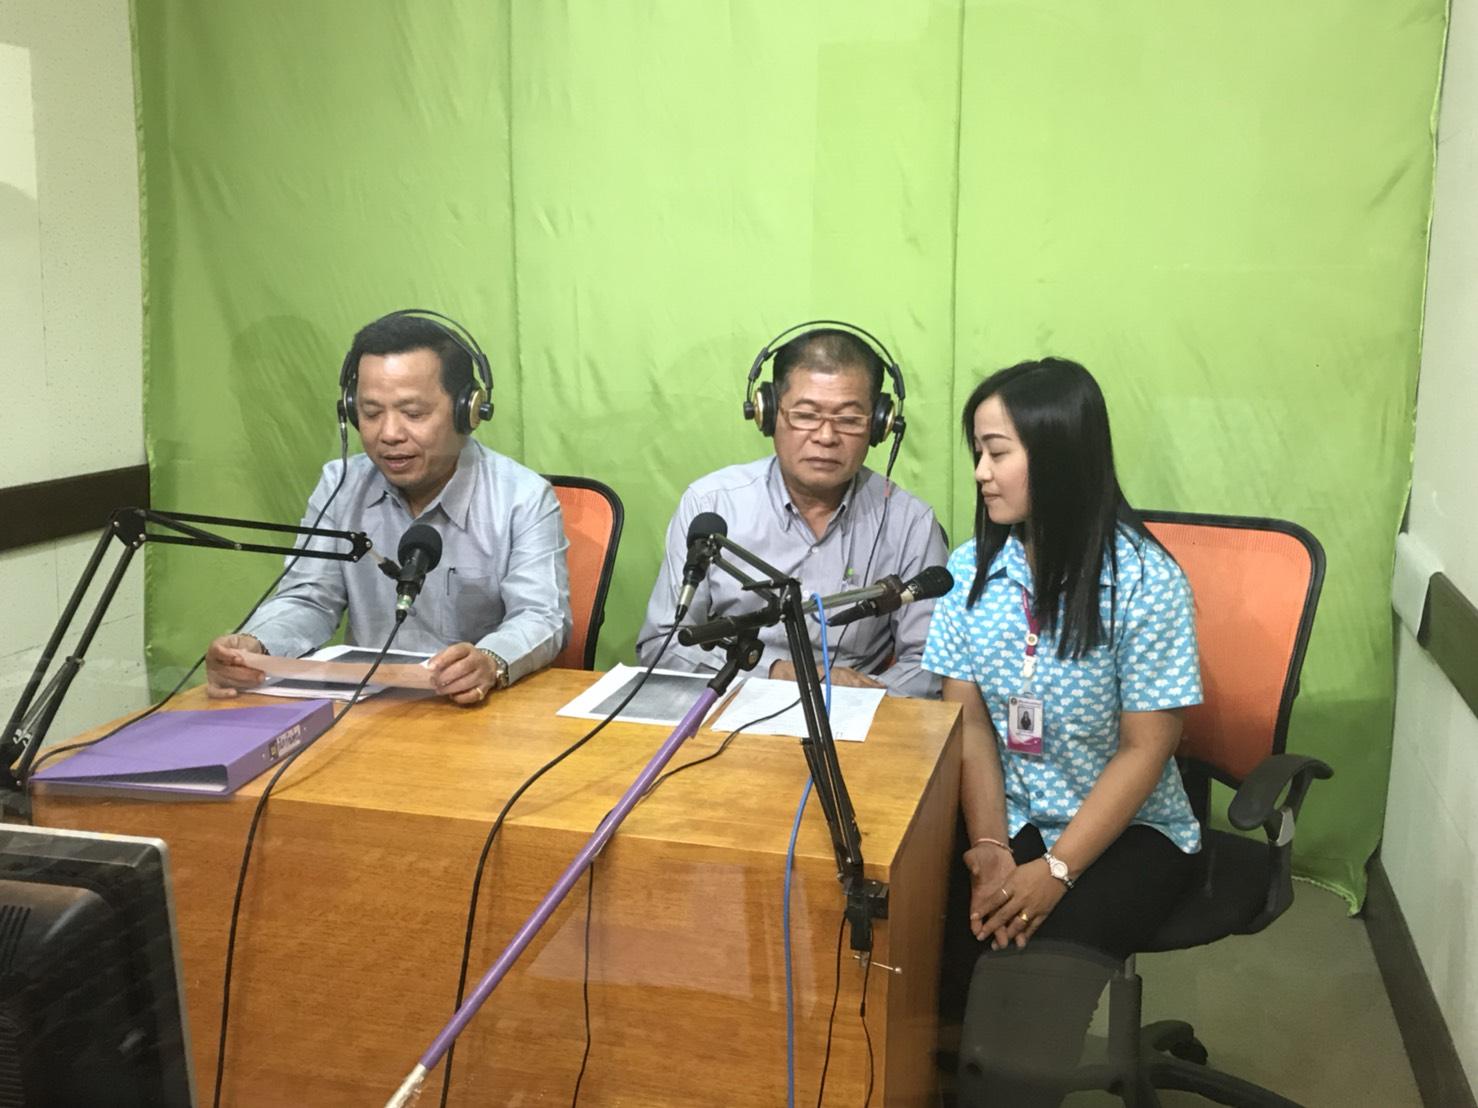 จัดหางานจังหวัดระนอง พร้อมด้วยแรงงานจังหวัด และล่ามแปลภาษาพม่า ให้สัมภาษณ์รายการวิทยุของ สวท.